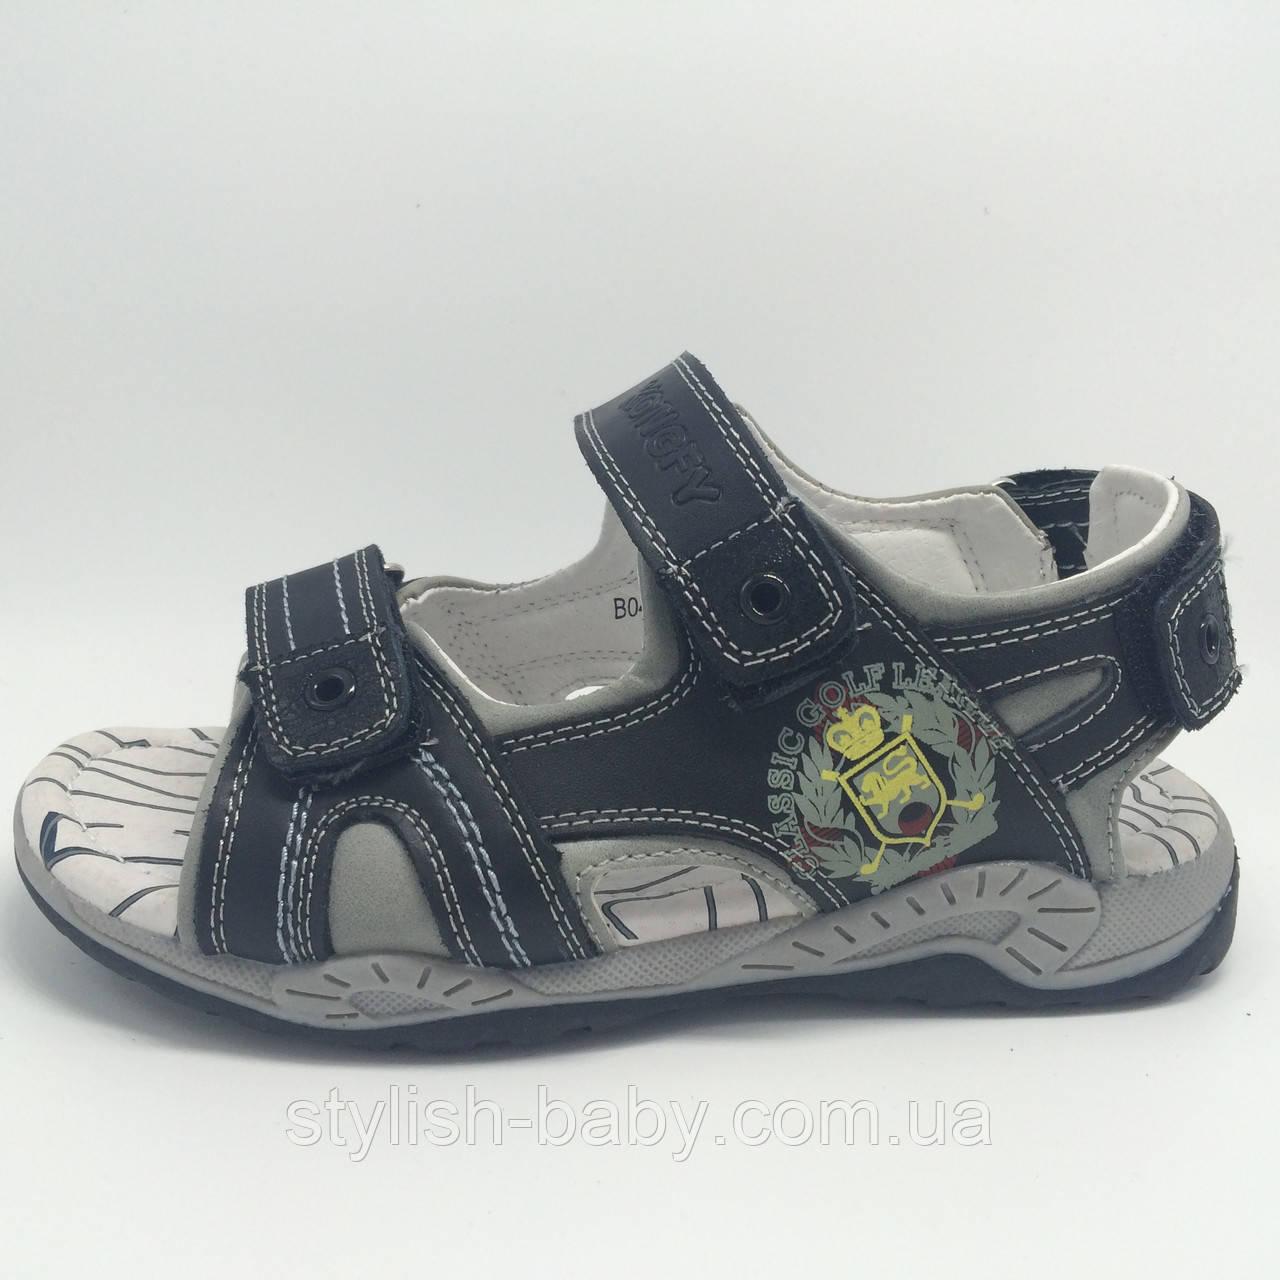 Детская летняя обувь оптом. Детские кожаные босоножки бренда Tom.m (Bi&Ki) для мальчиков (рр. с 33 по 38)